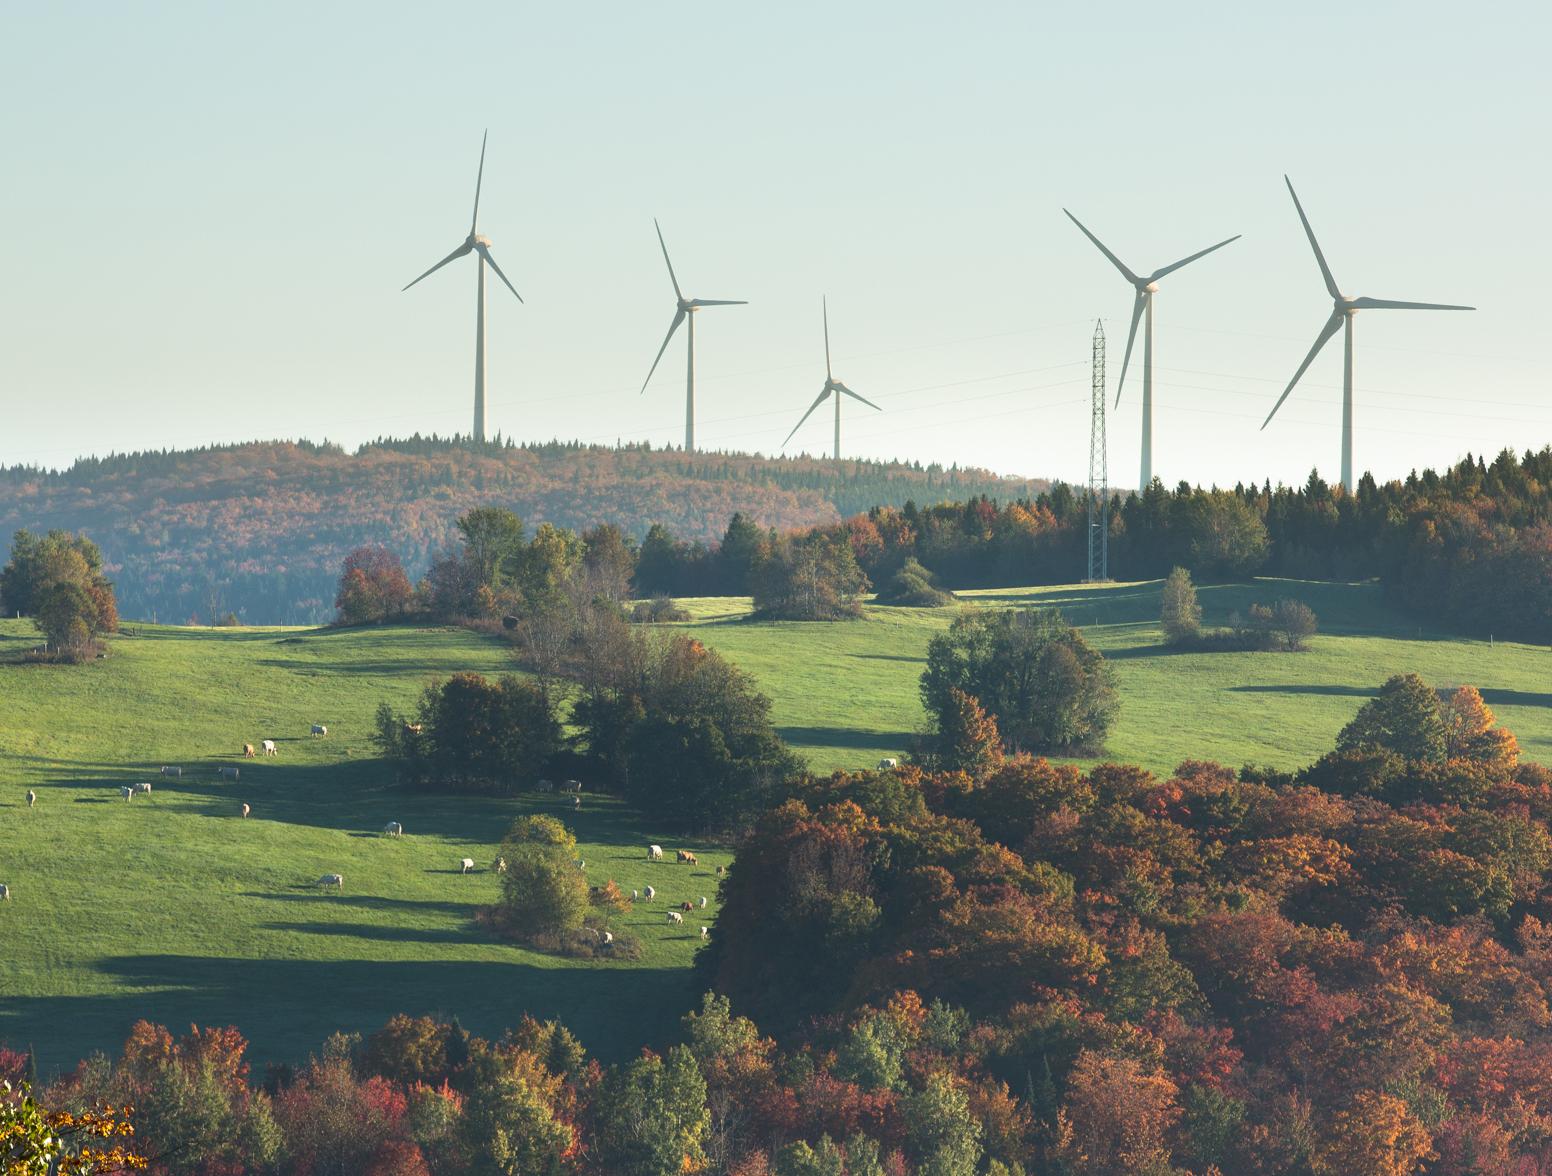 Eólica y energías renovables: Elecnor pone en marcha su primer parqué eólico en Canadá con 50 aerogeneradores